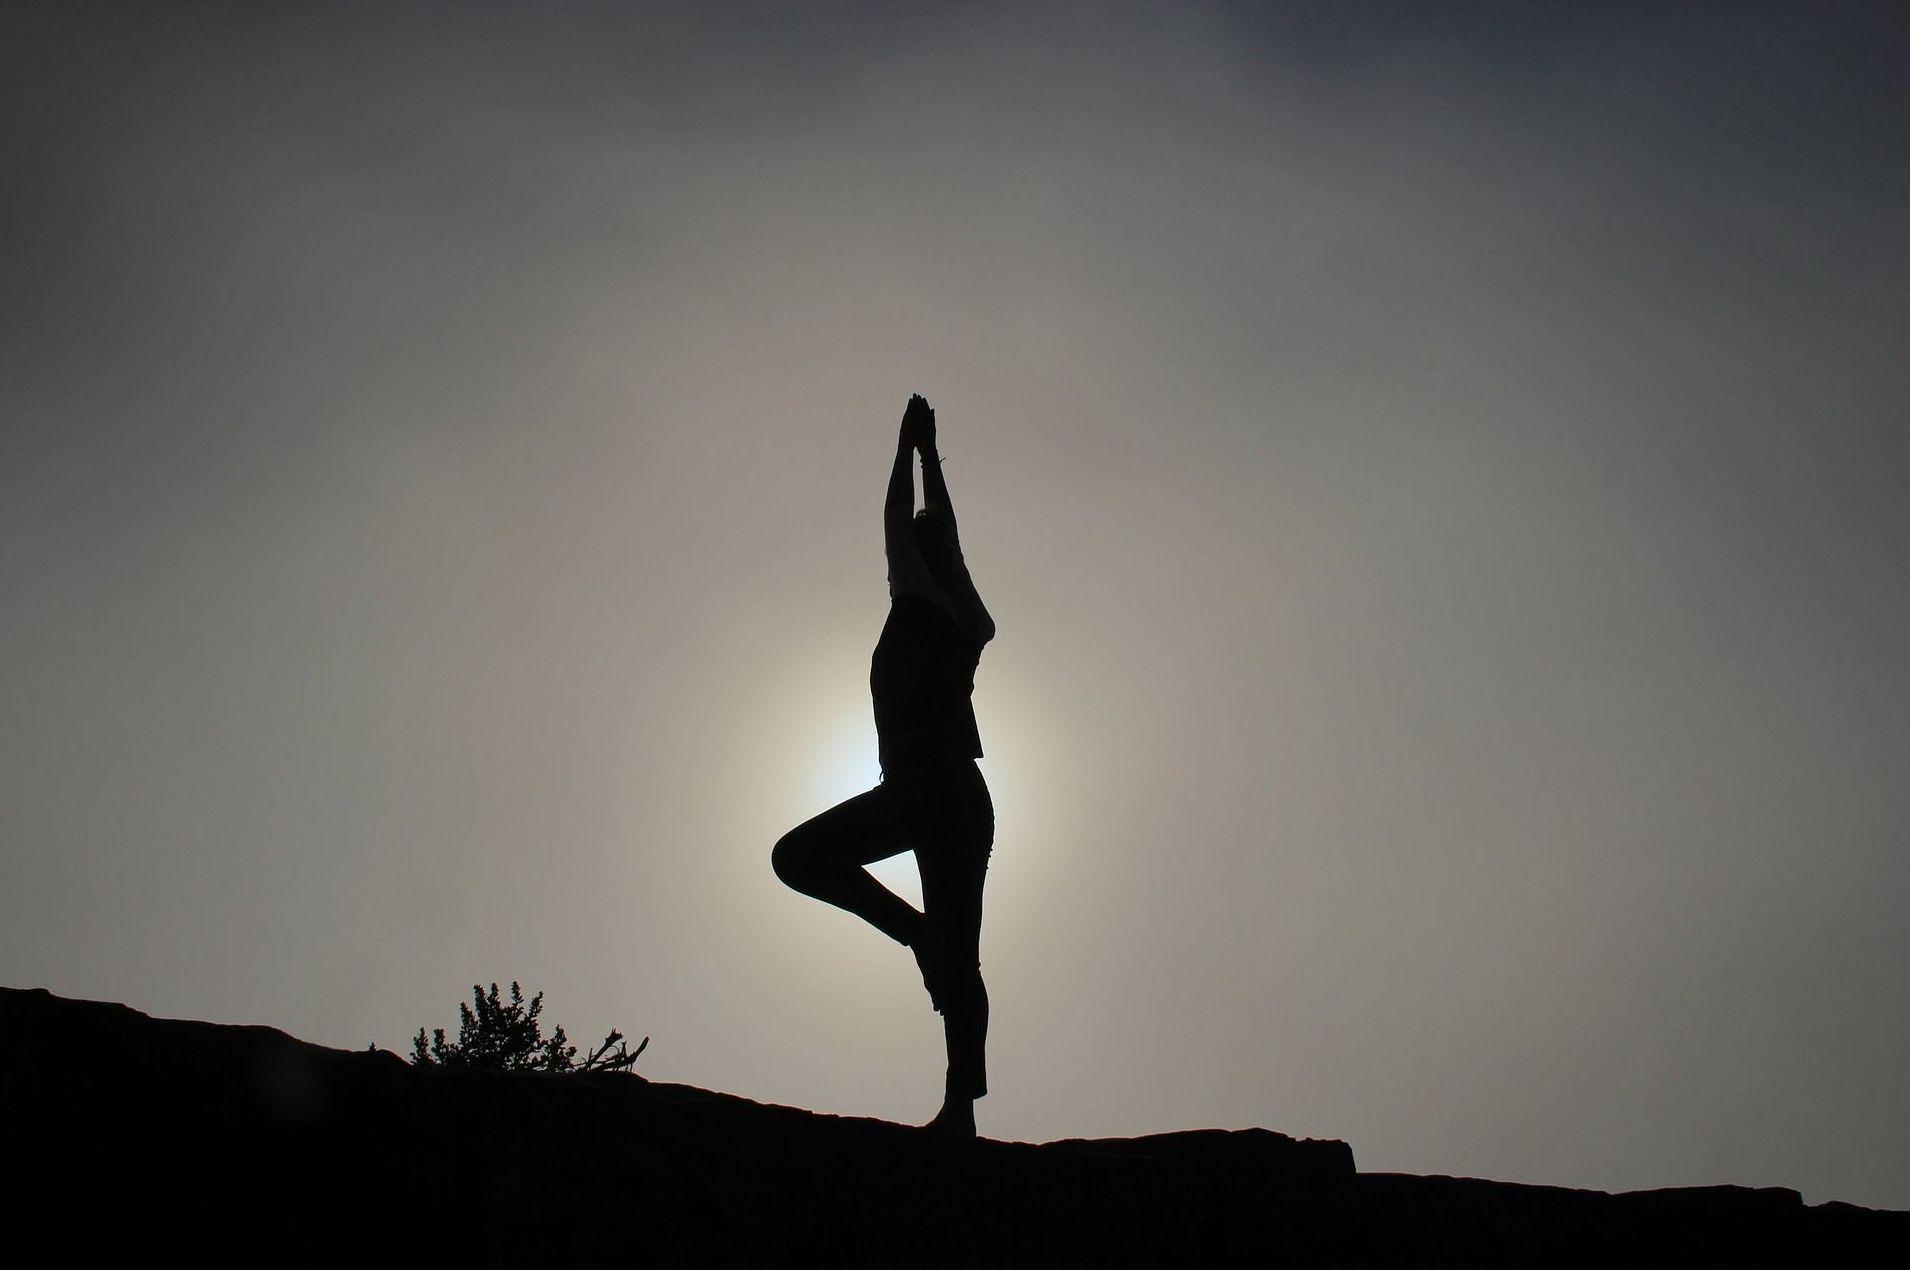 Nuestros docentes e instructores: ¿Qué hacemos?  de Centro Milarepa yoga y psicoterapia